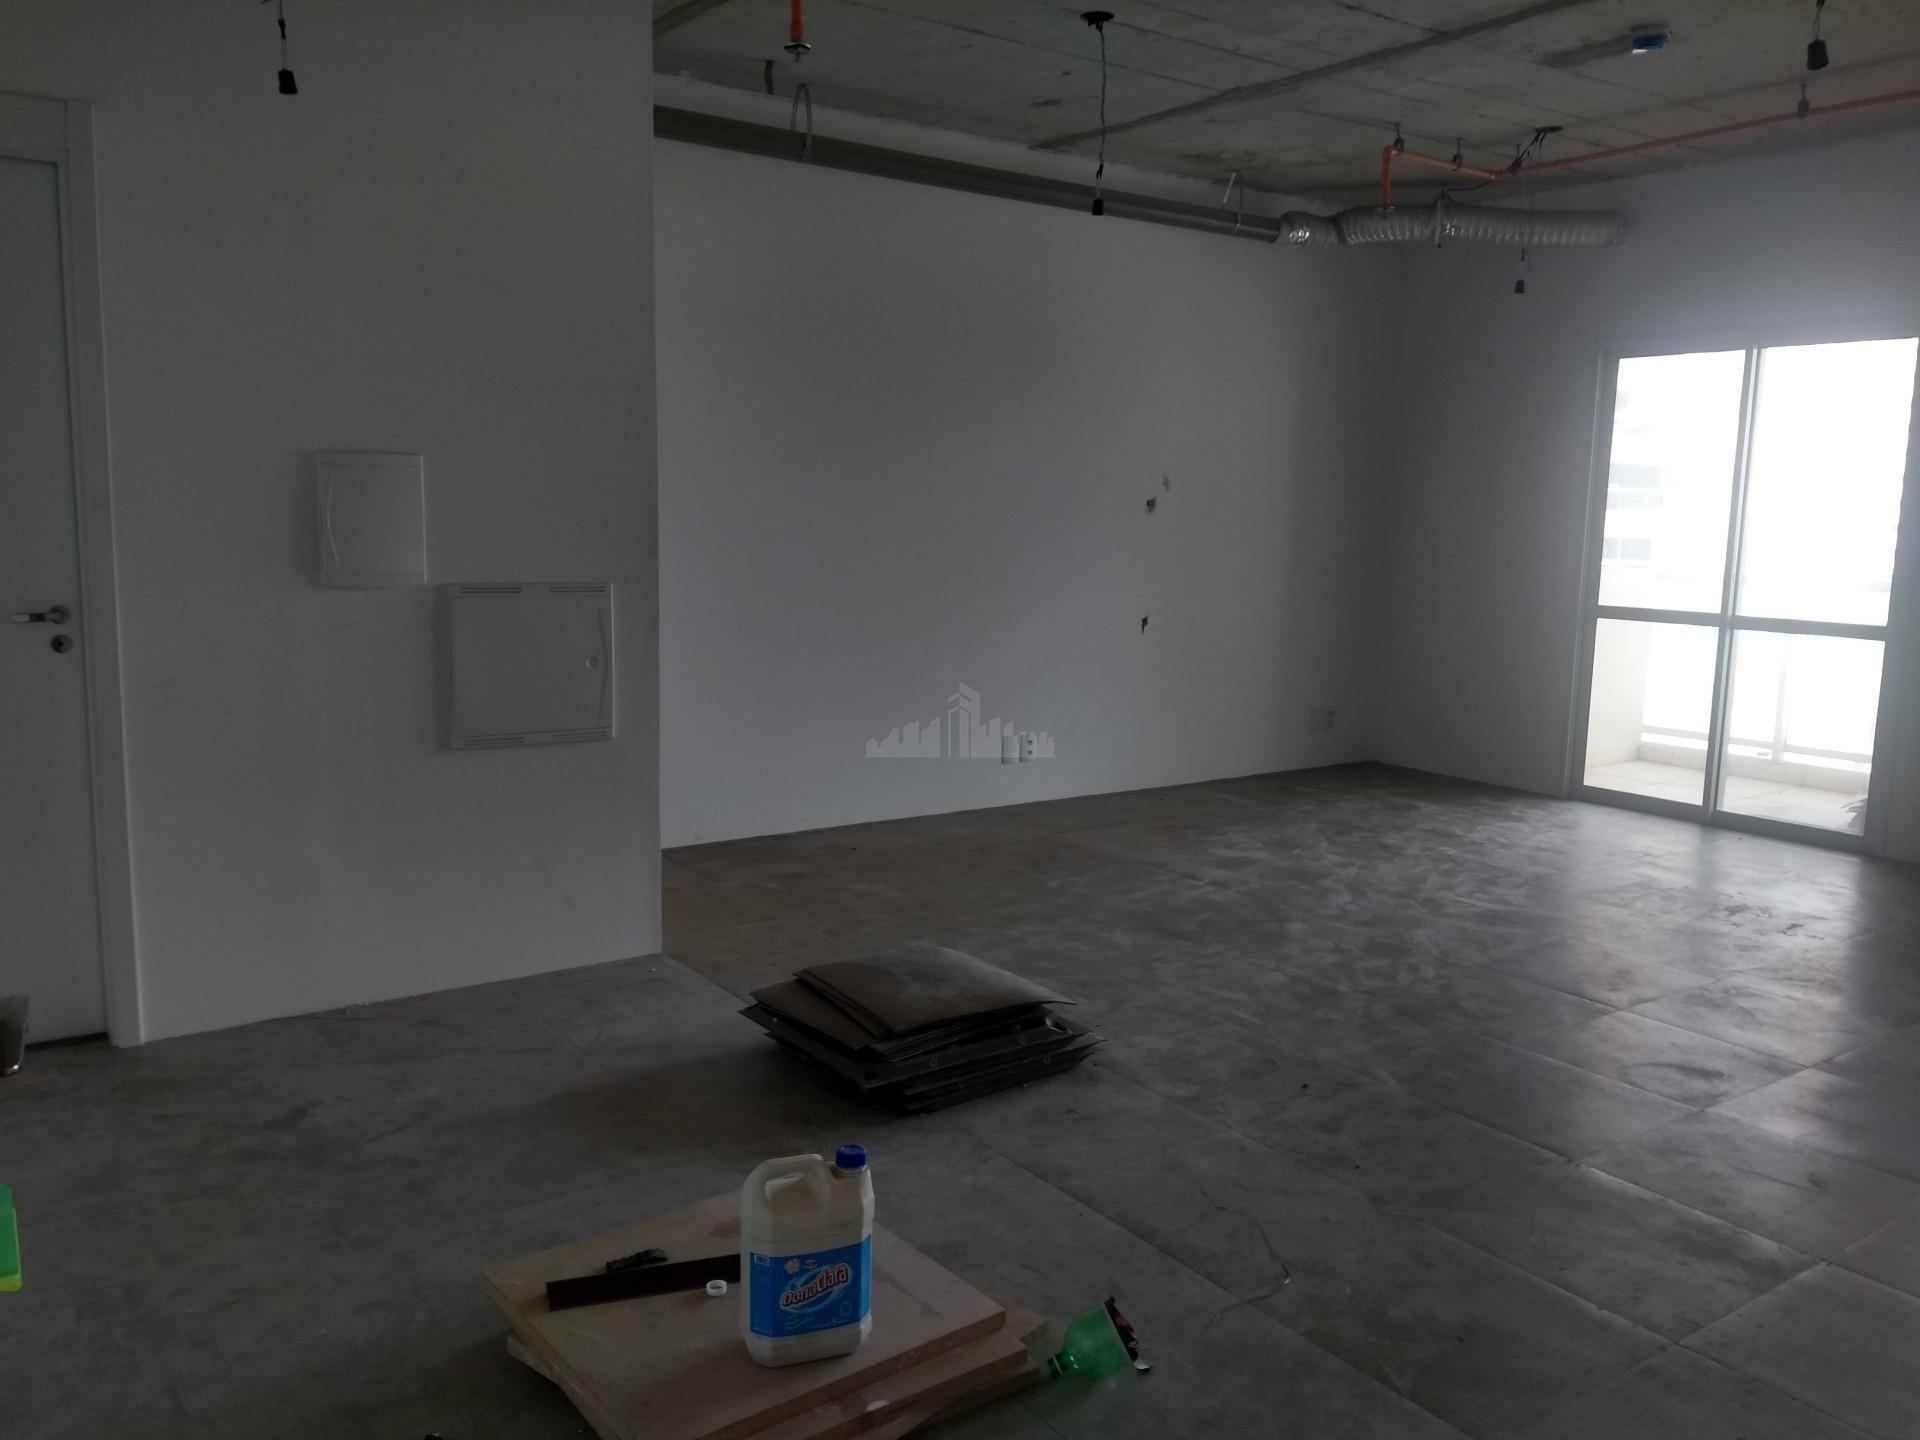 sala comercial, no estado como a construtora entregou, proprietário se prontifica em fazer a obra de...